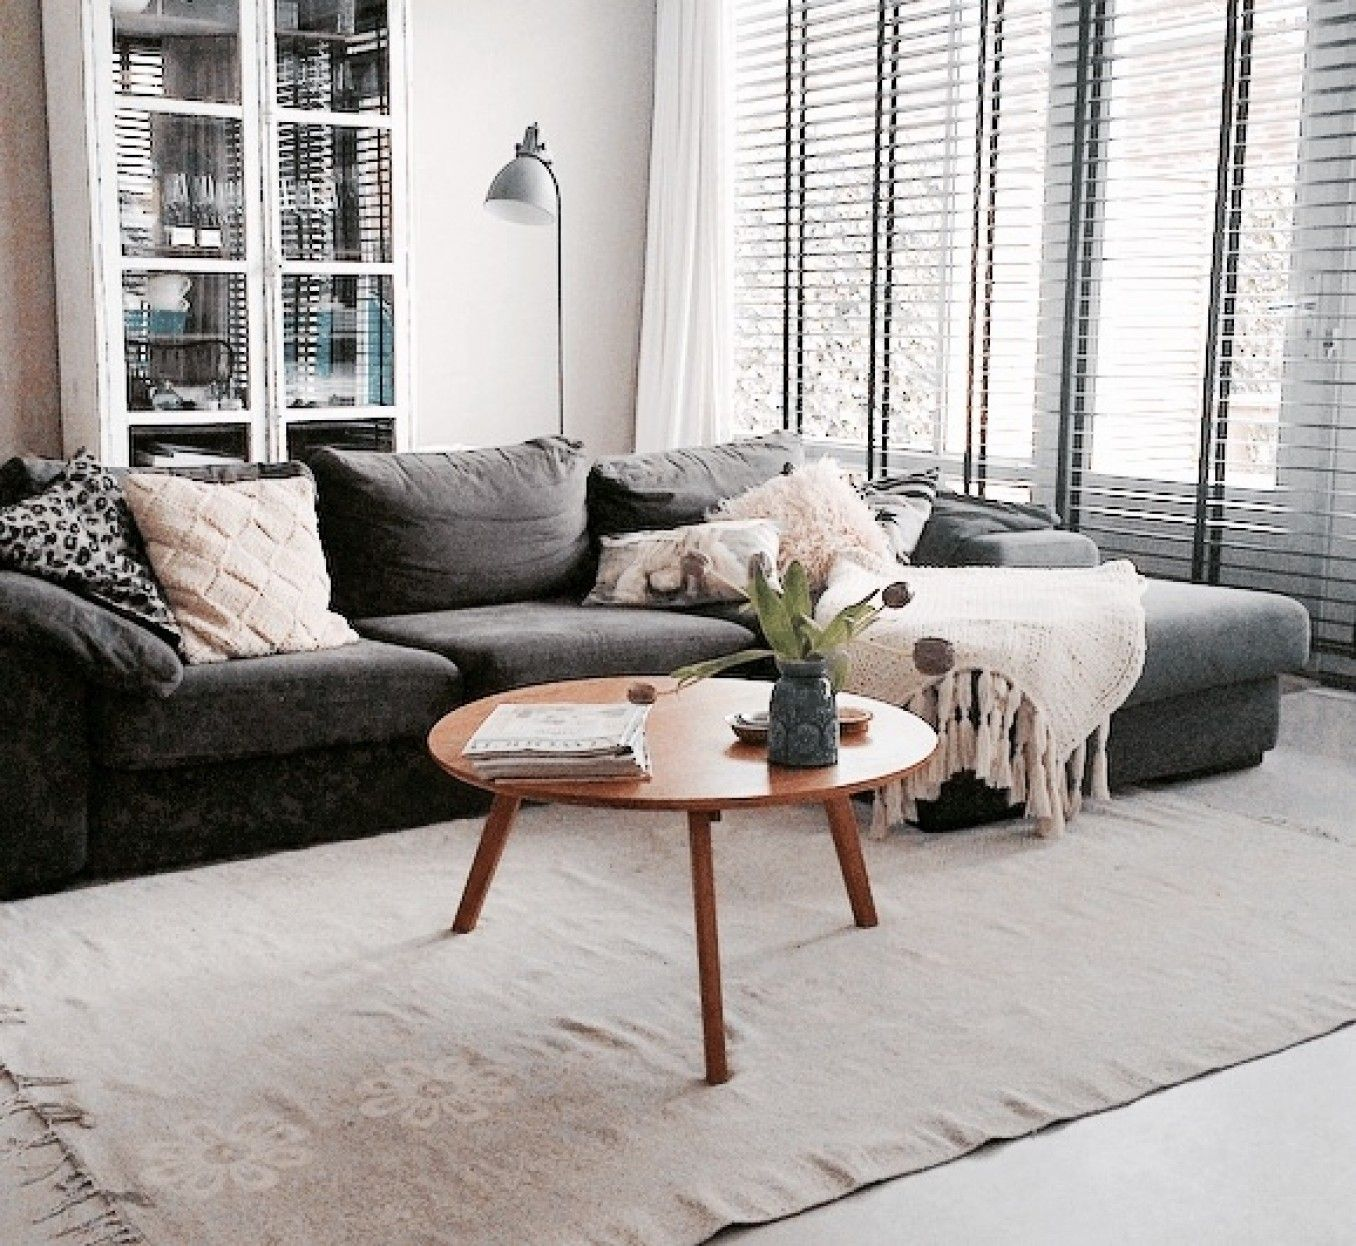 woonkamer - Onze woonkamer is nu enkele vierkante meters groter ...